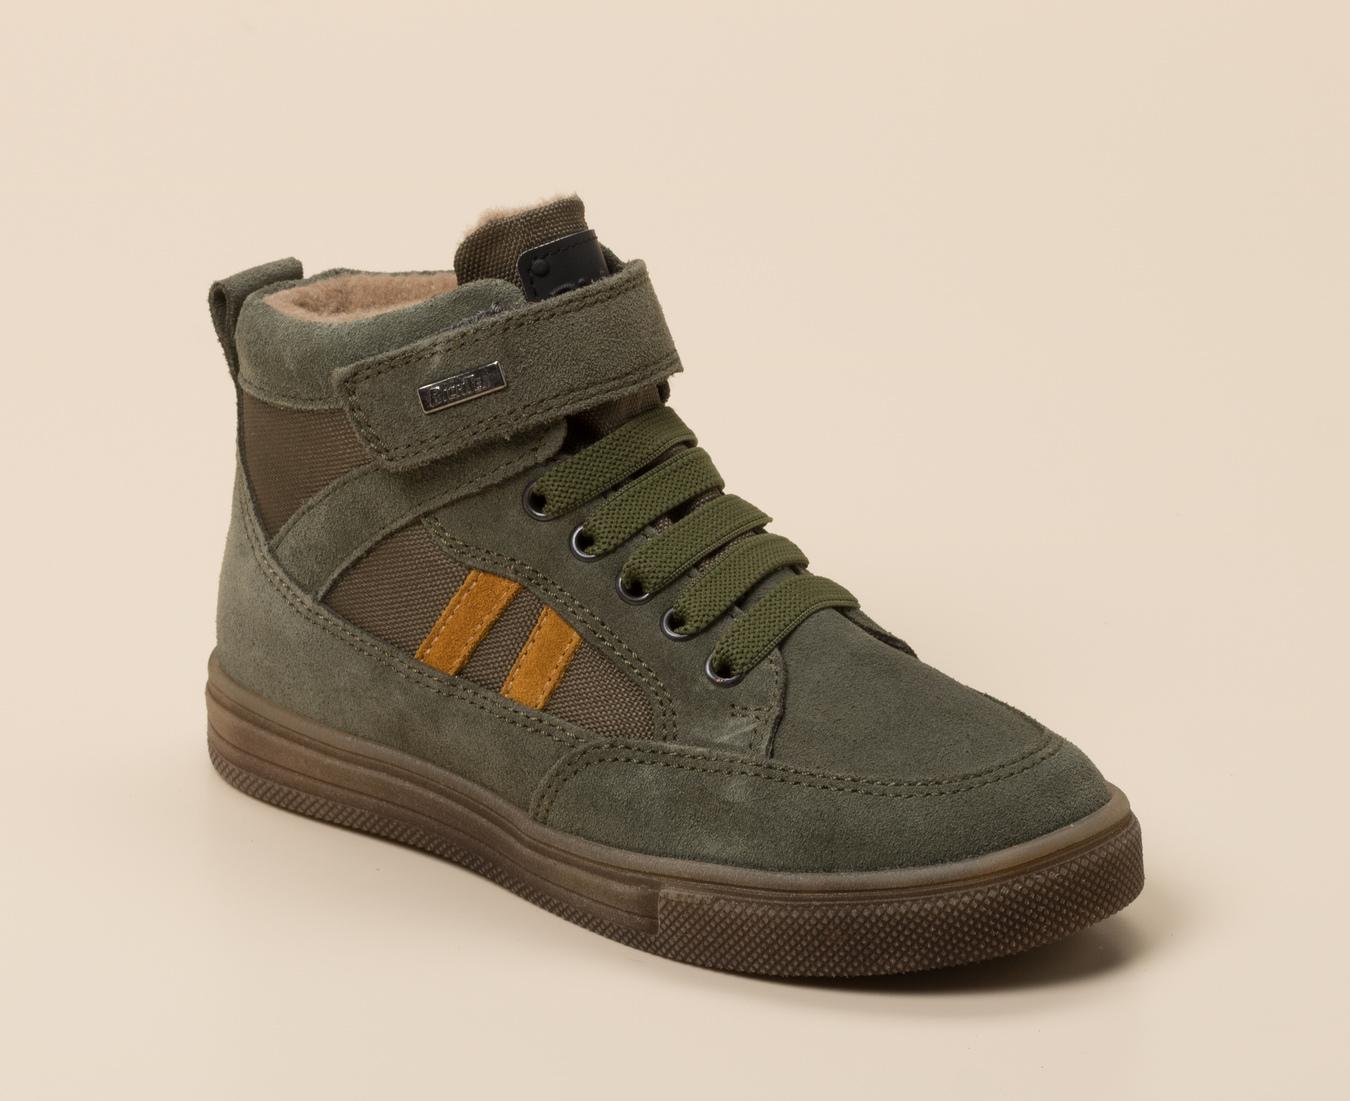 Richter blau grüne Sneaker Halbschuhe mit Stern in 24